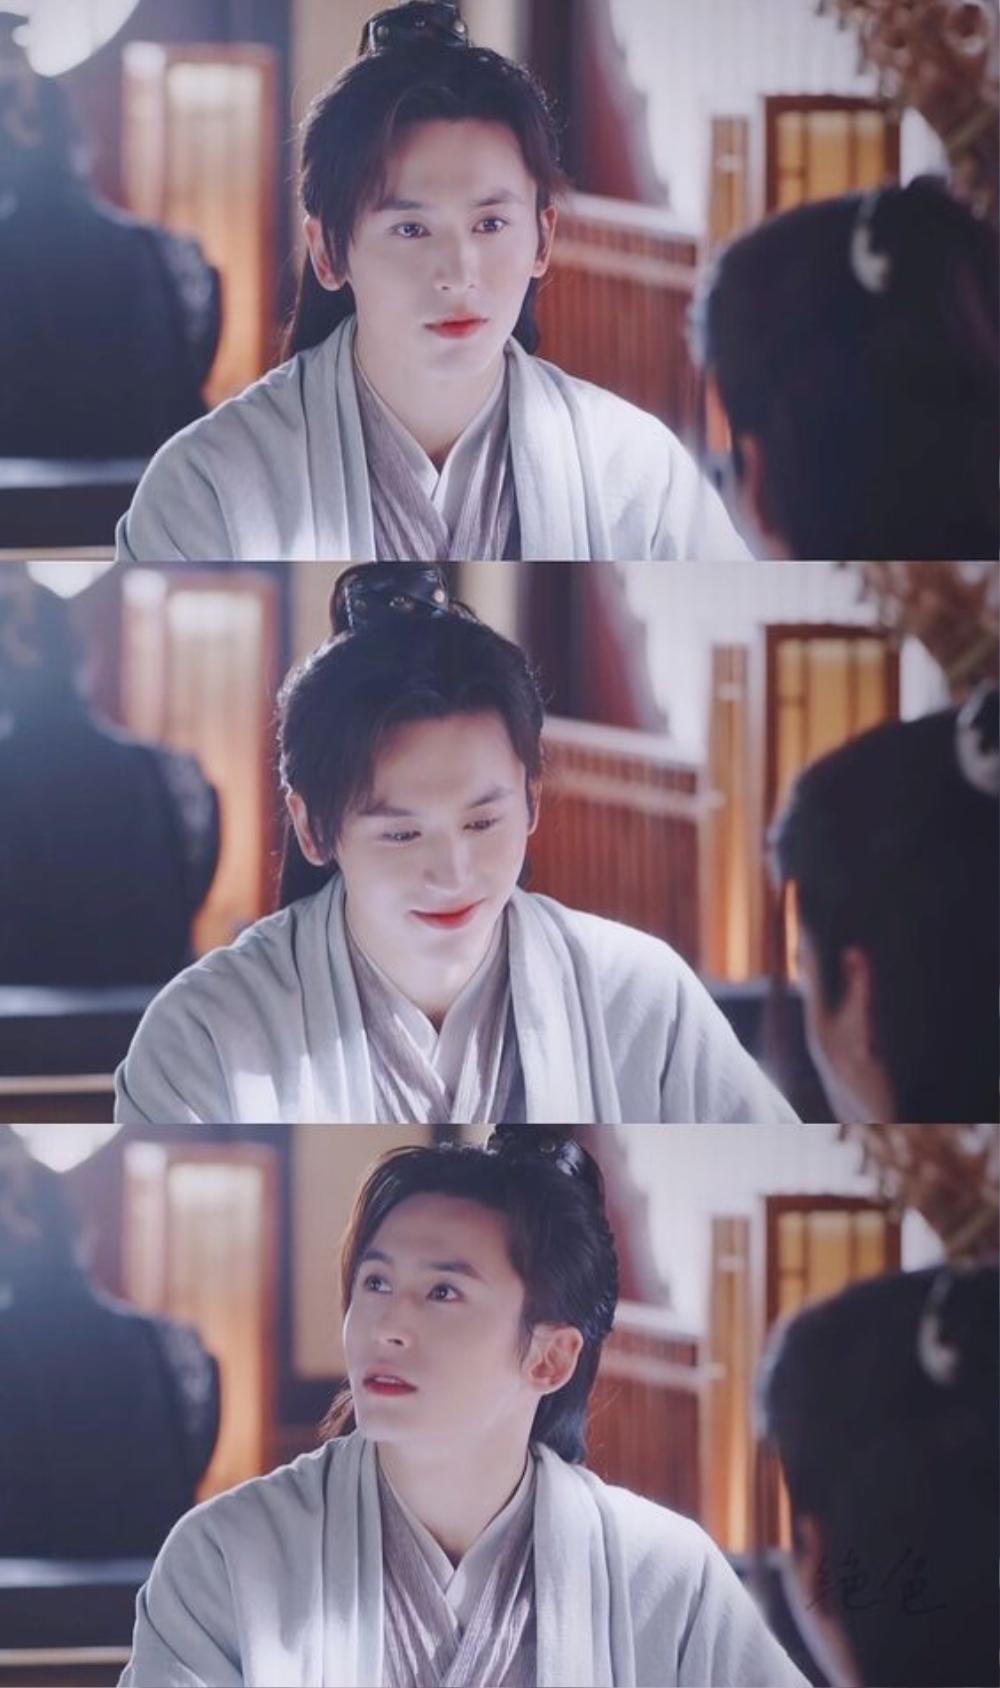 Cung Tuấn, Trương Triết Hạn dù 'xưng bá' màn ảnh Hoa ngữ đầu 2021 nhưng vẫn không sánh bằng Tiêu Chiến Ảnh 12